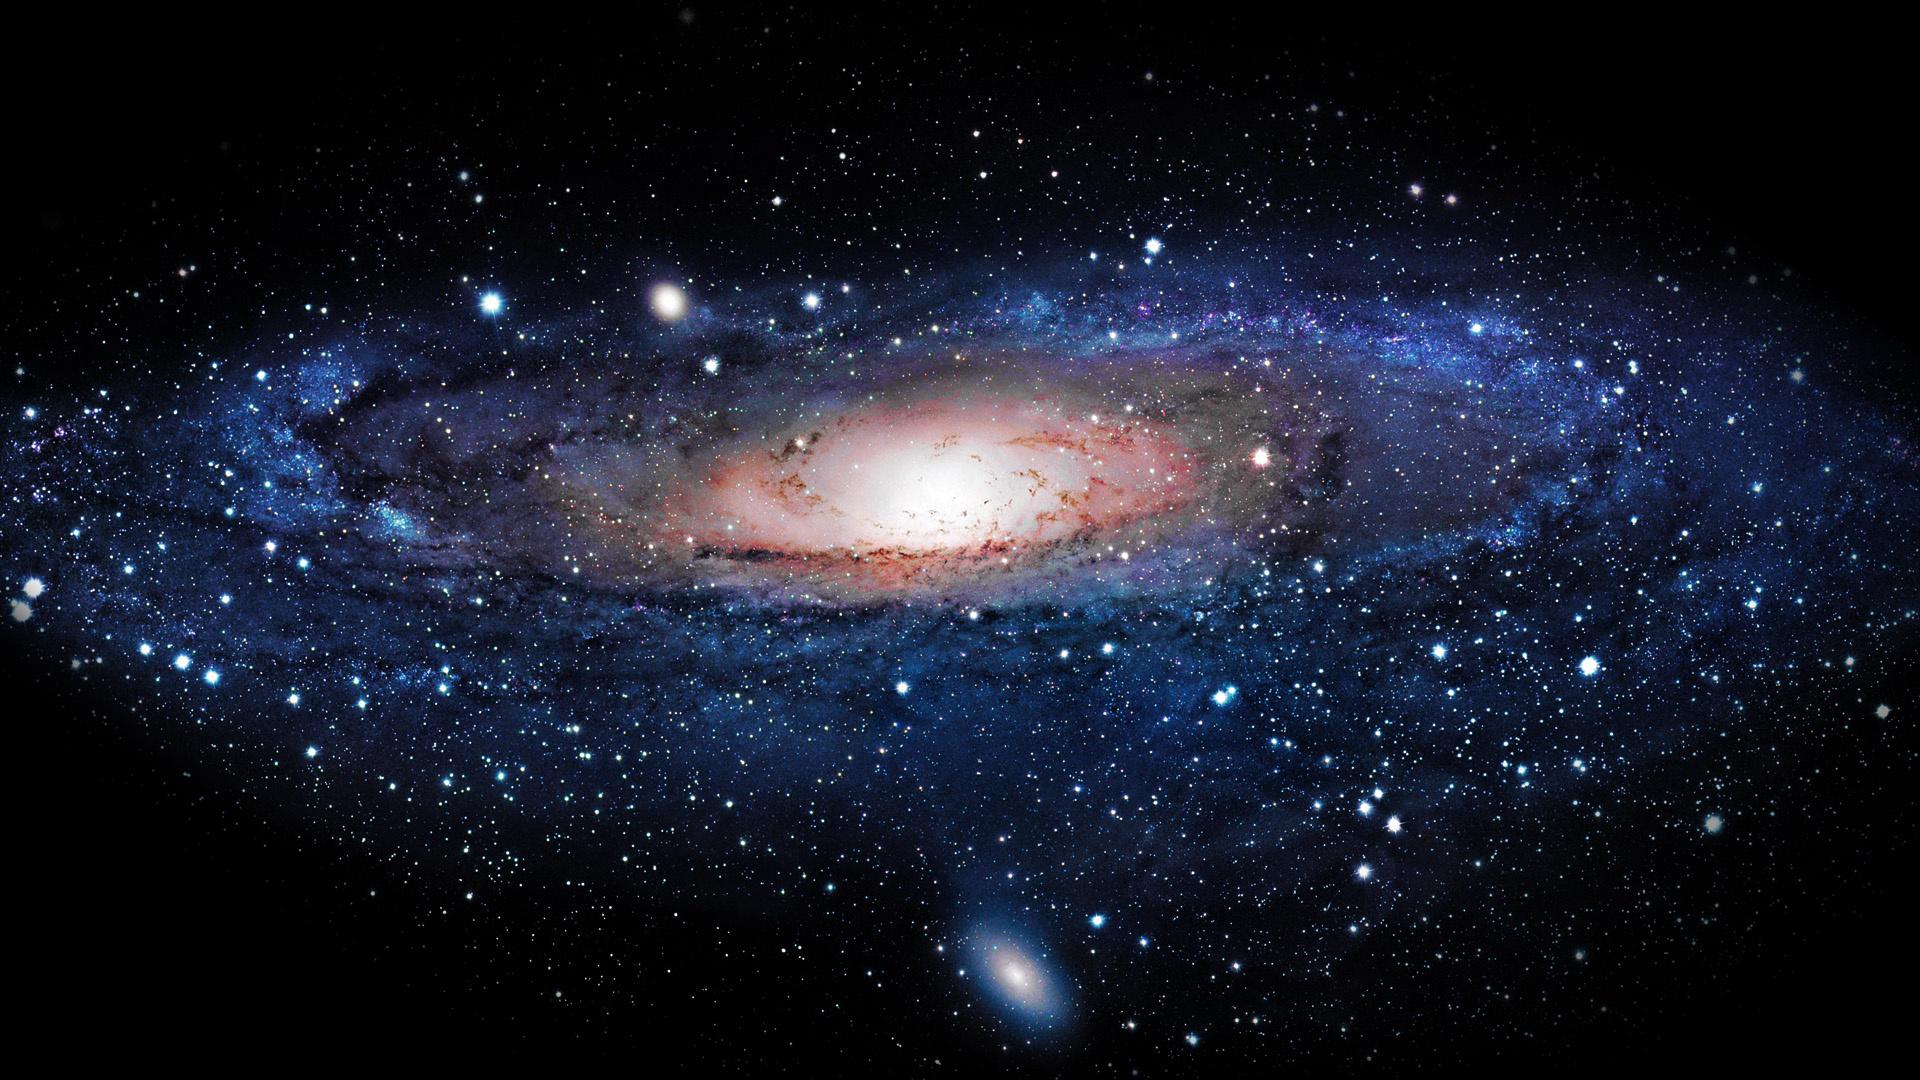 Испорченные часы: изучаем возможность путешествий во времени | Научная фантастика или реальность?